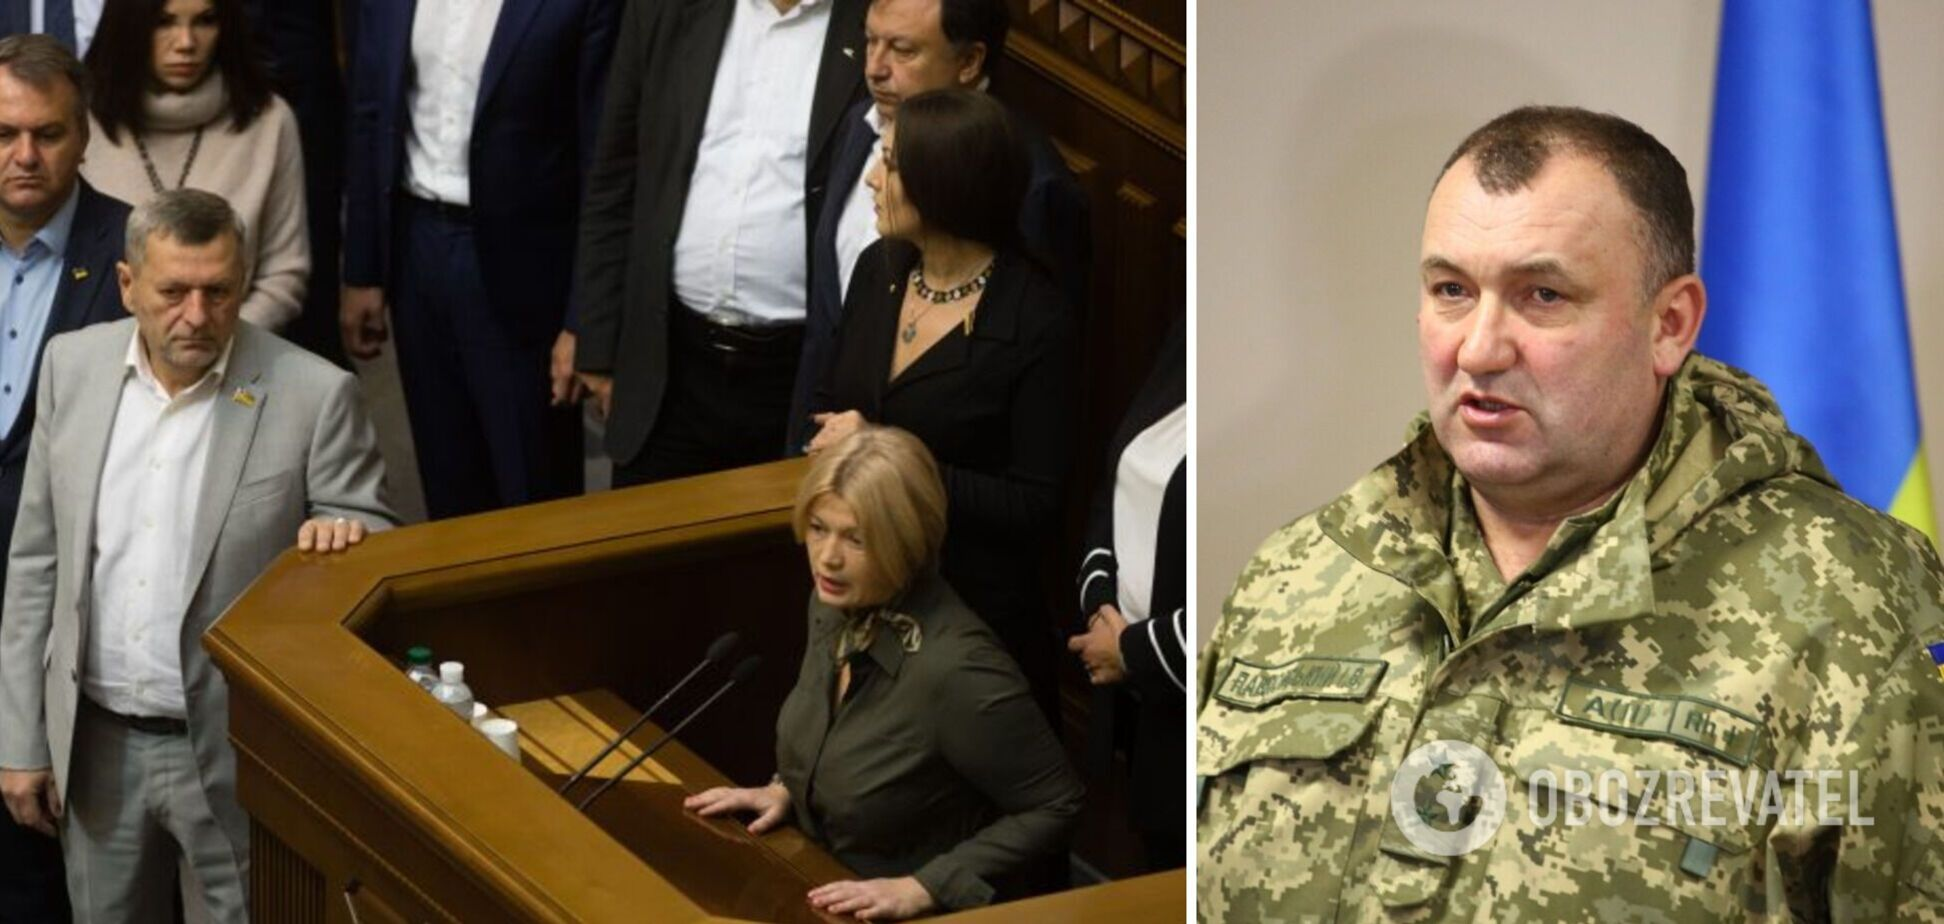 Фракція 'ЄС' у Раді привітала з днем народження генерала Павловського